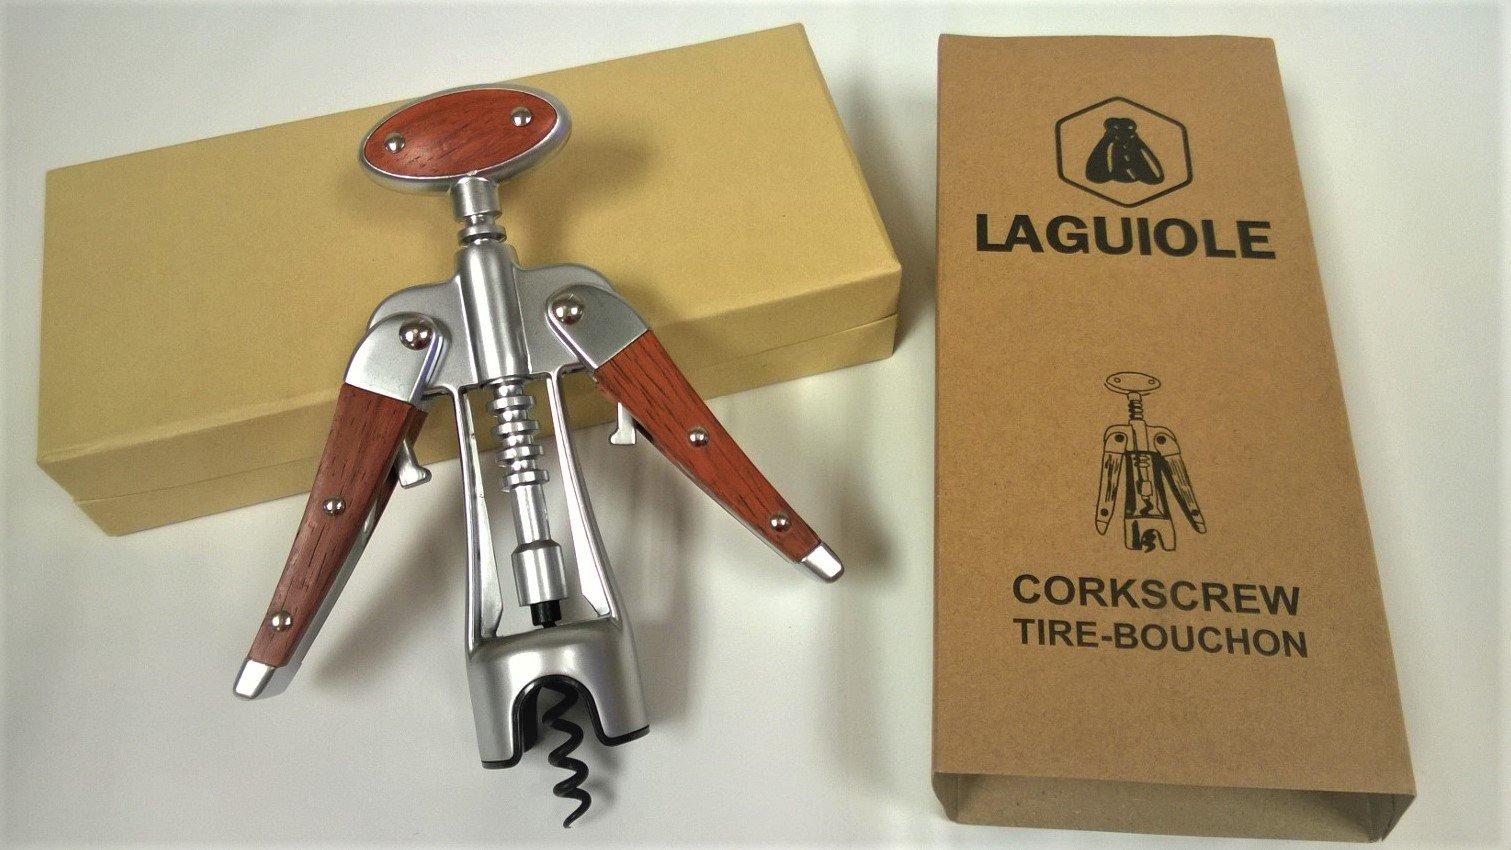 Laguiole Deluxe Wing Corkscrew Tire-Bouchon by Laguiole Tire-Bouchon